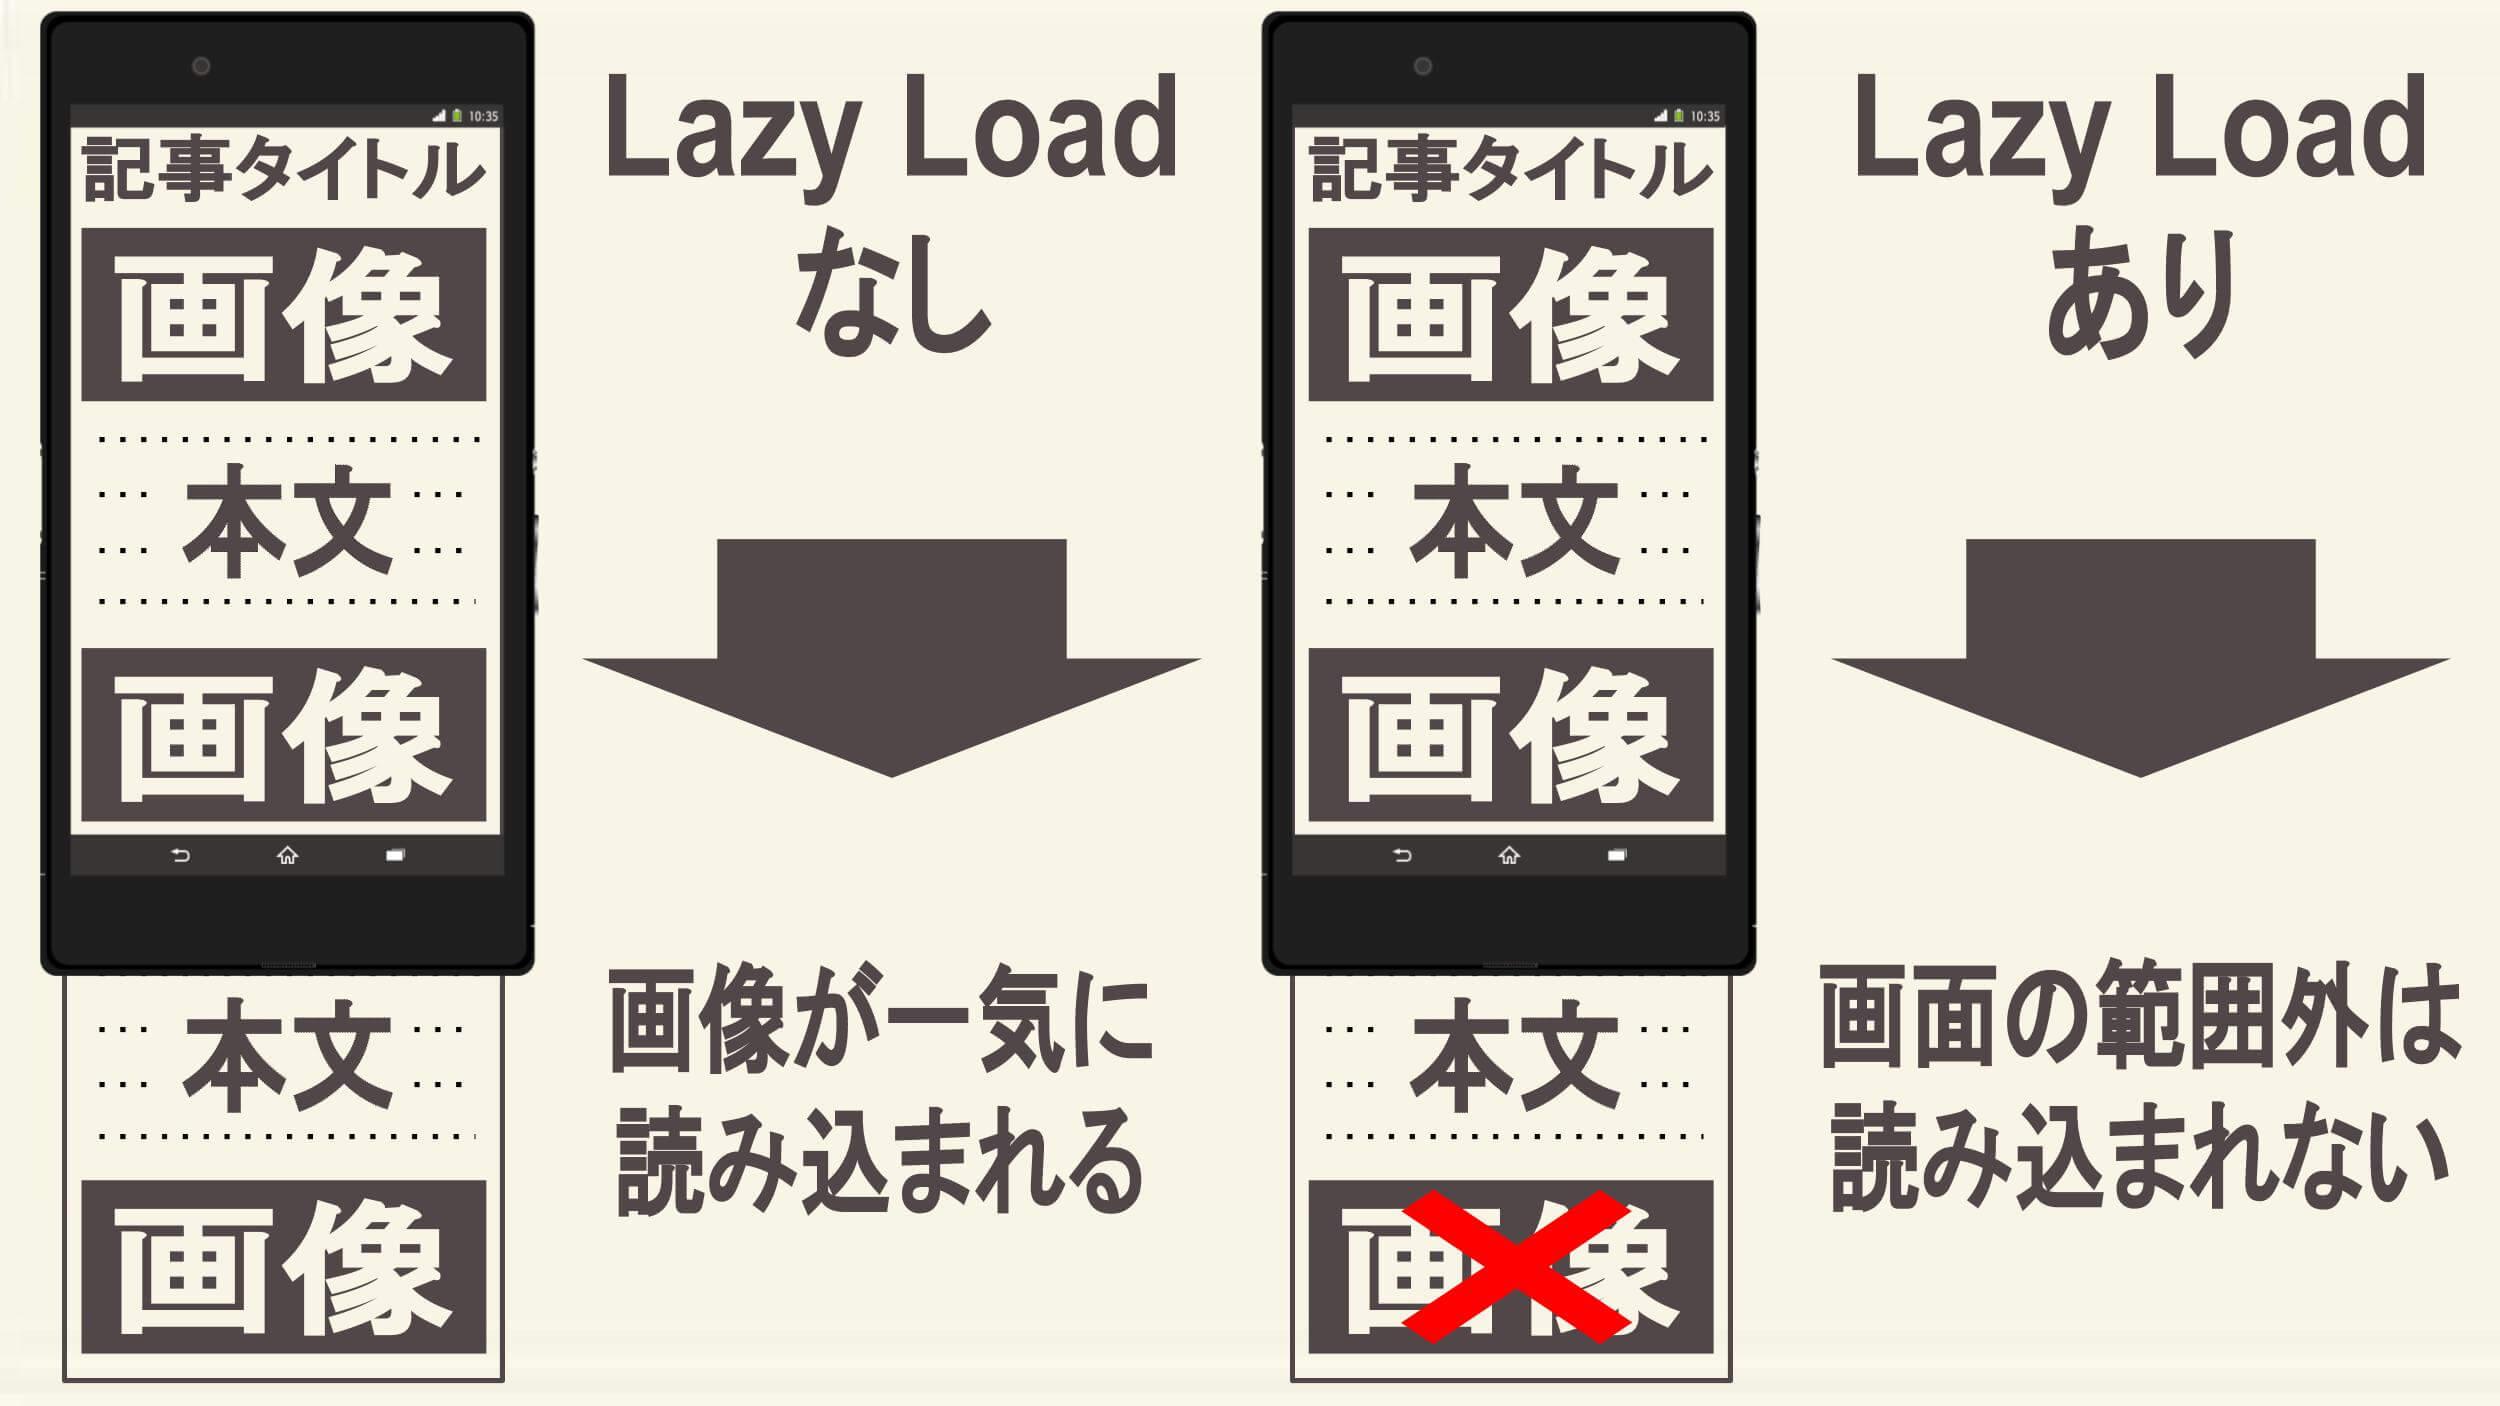 Lazy Loadの仕組み